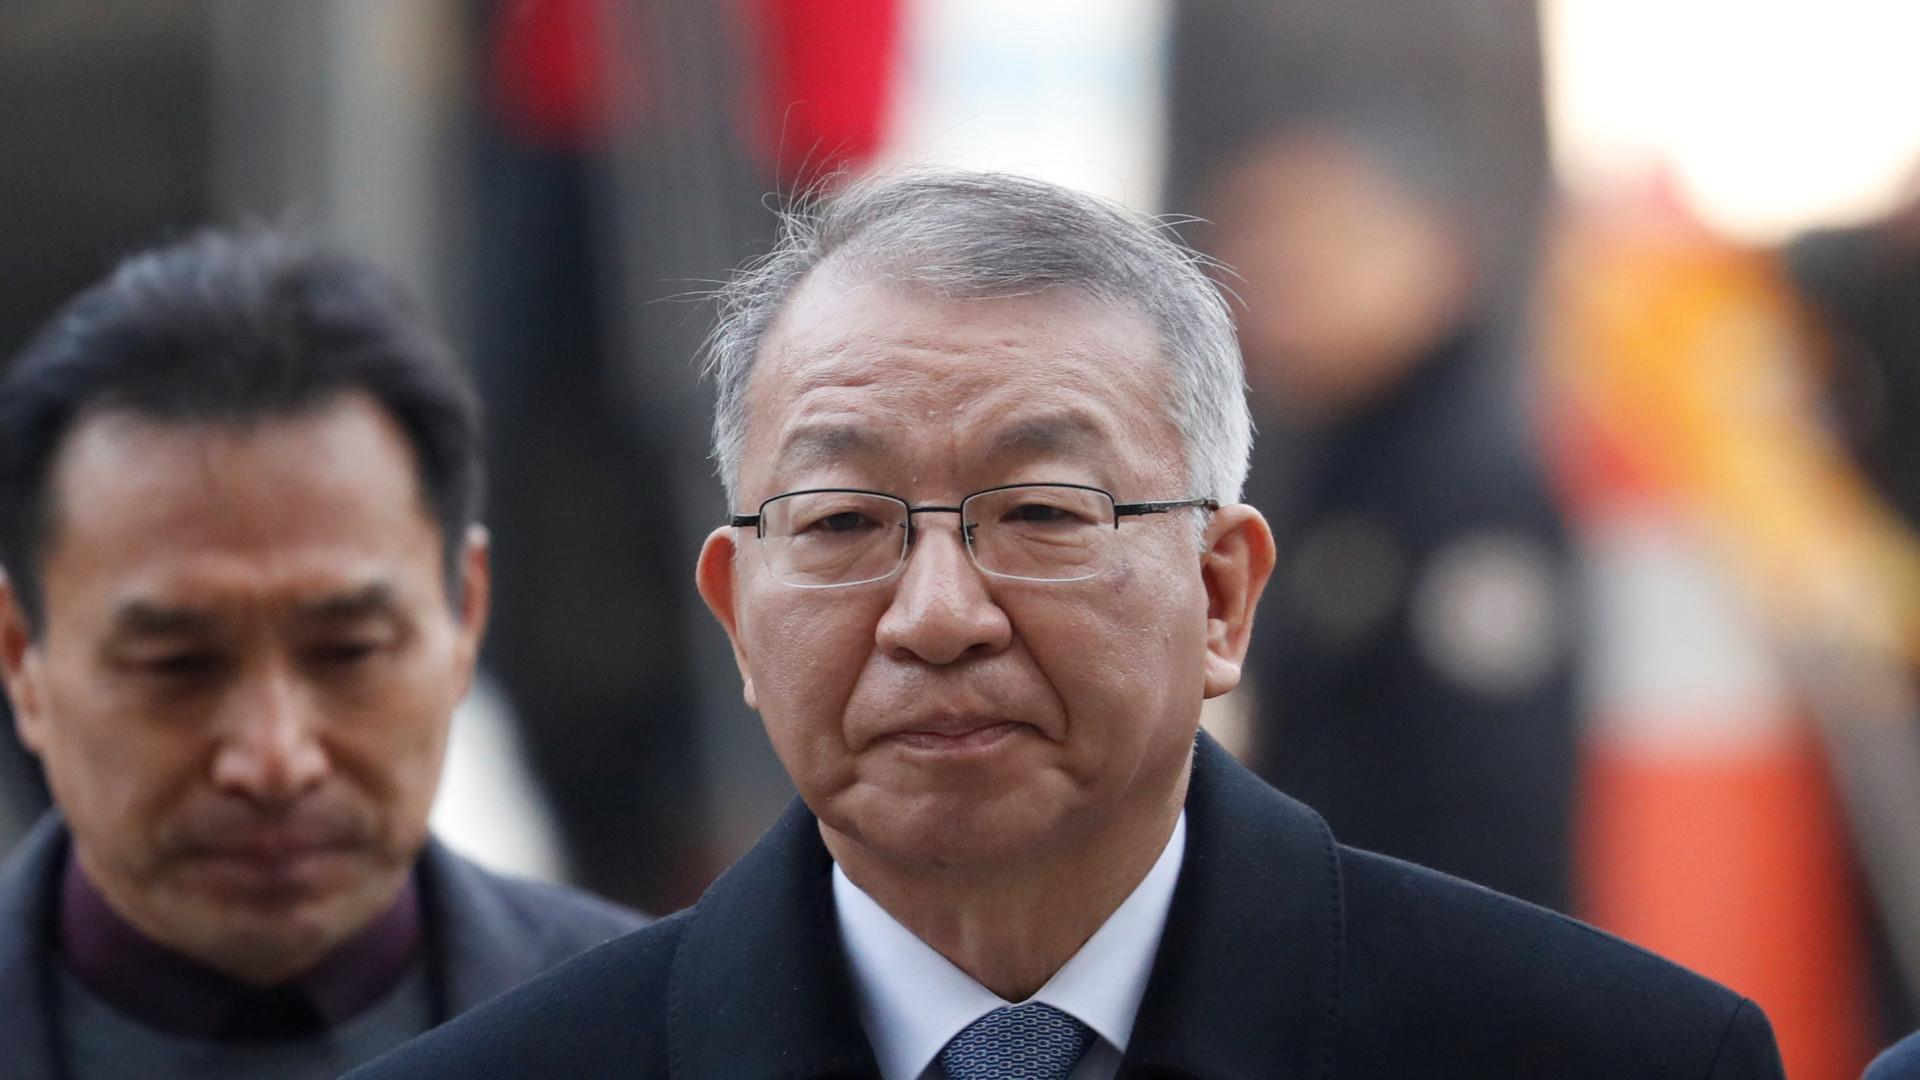 Ministério Público da Coreia do Sul acusa ex-presidente do Supremo